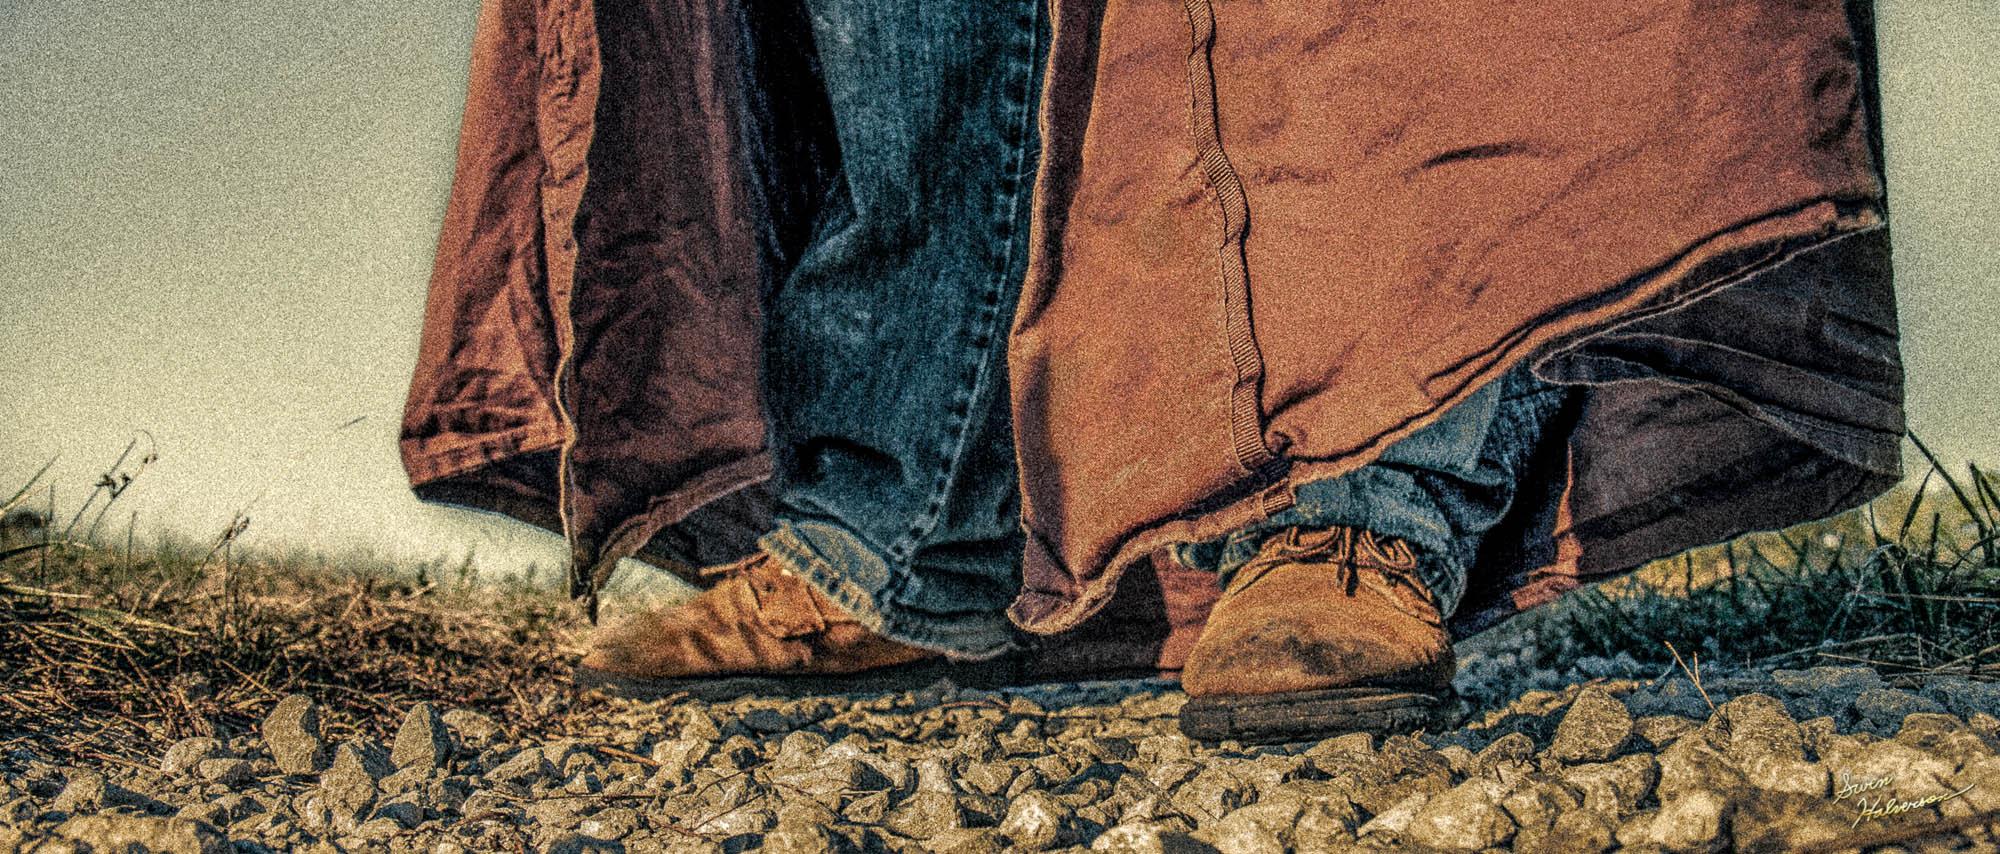 Theme: Cape | Title: Brown Cape & Shoes